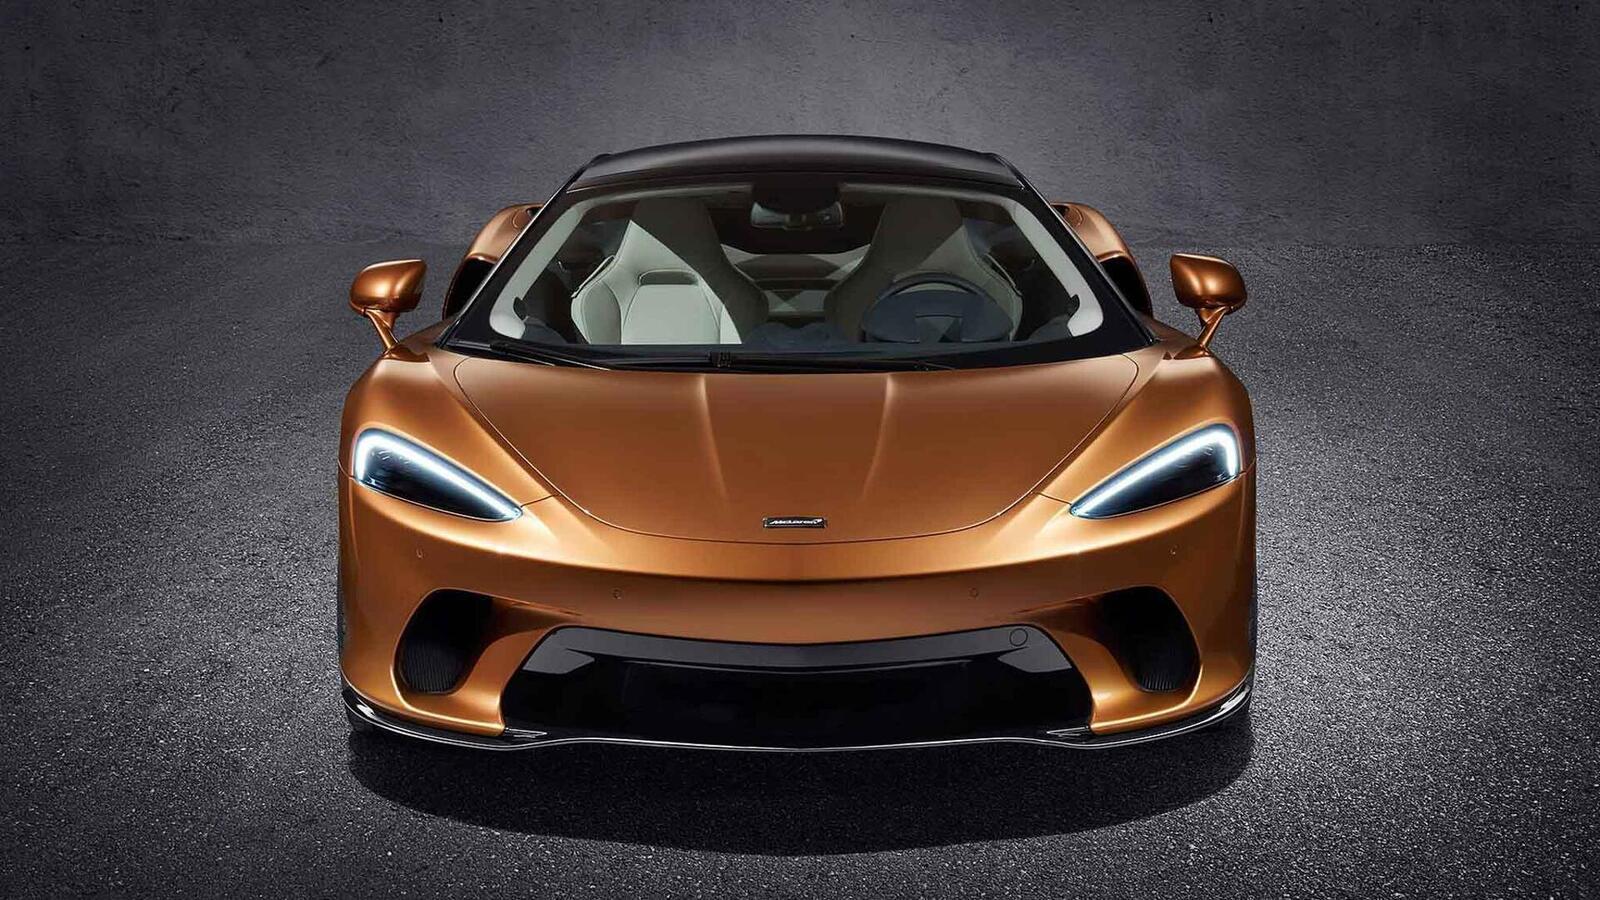 McLaren giới thiệu siêu xe GT 2020 hoàn toàn mới: Động cơ mạnh mẽ và cabin thoải mái - Hình 2